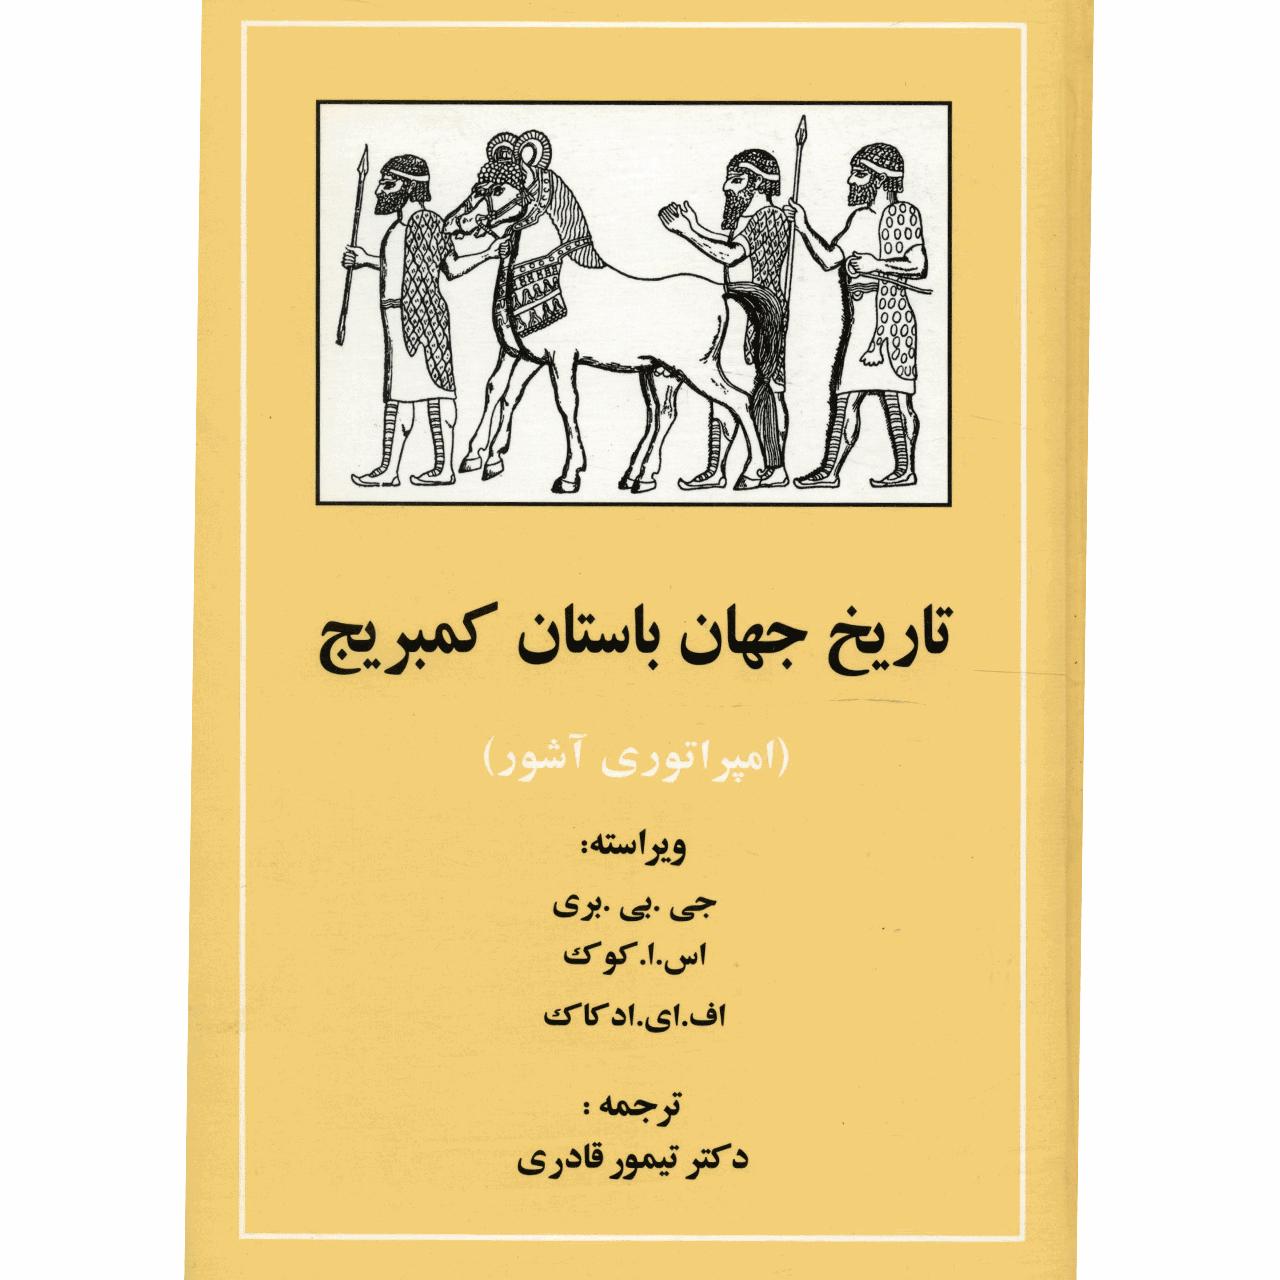 کتاب تاریخ جهان باستان کمبریج امپراتوری آشور اثر جمعی از نویسندگان